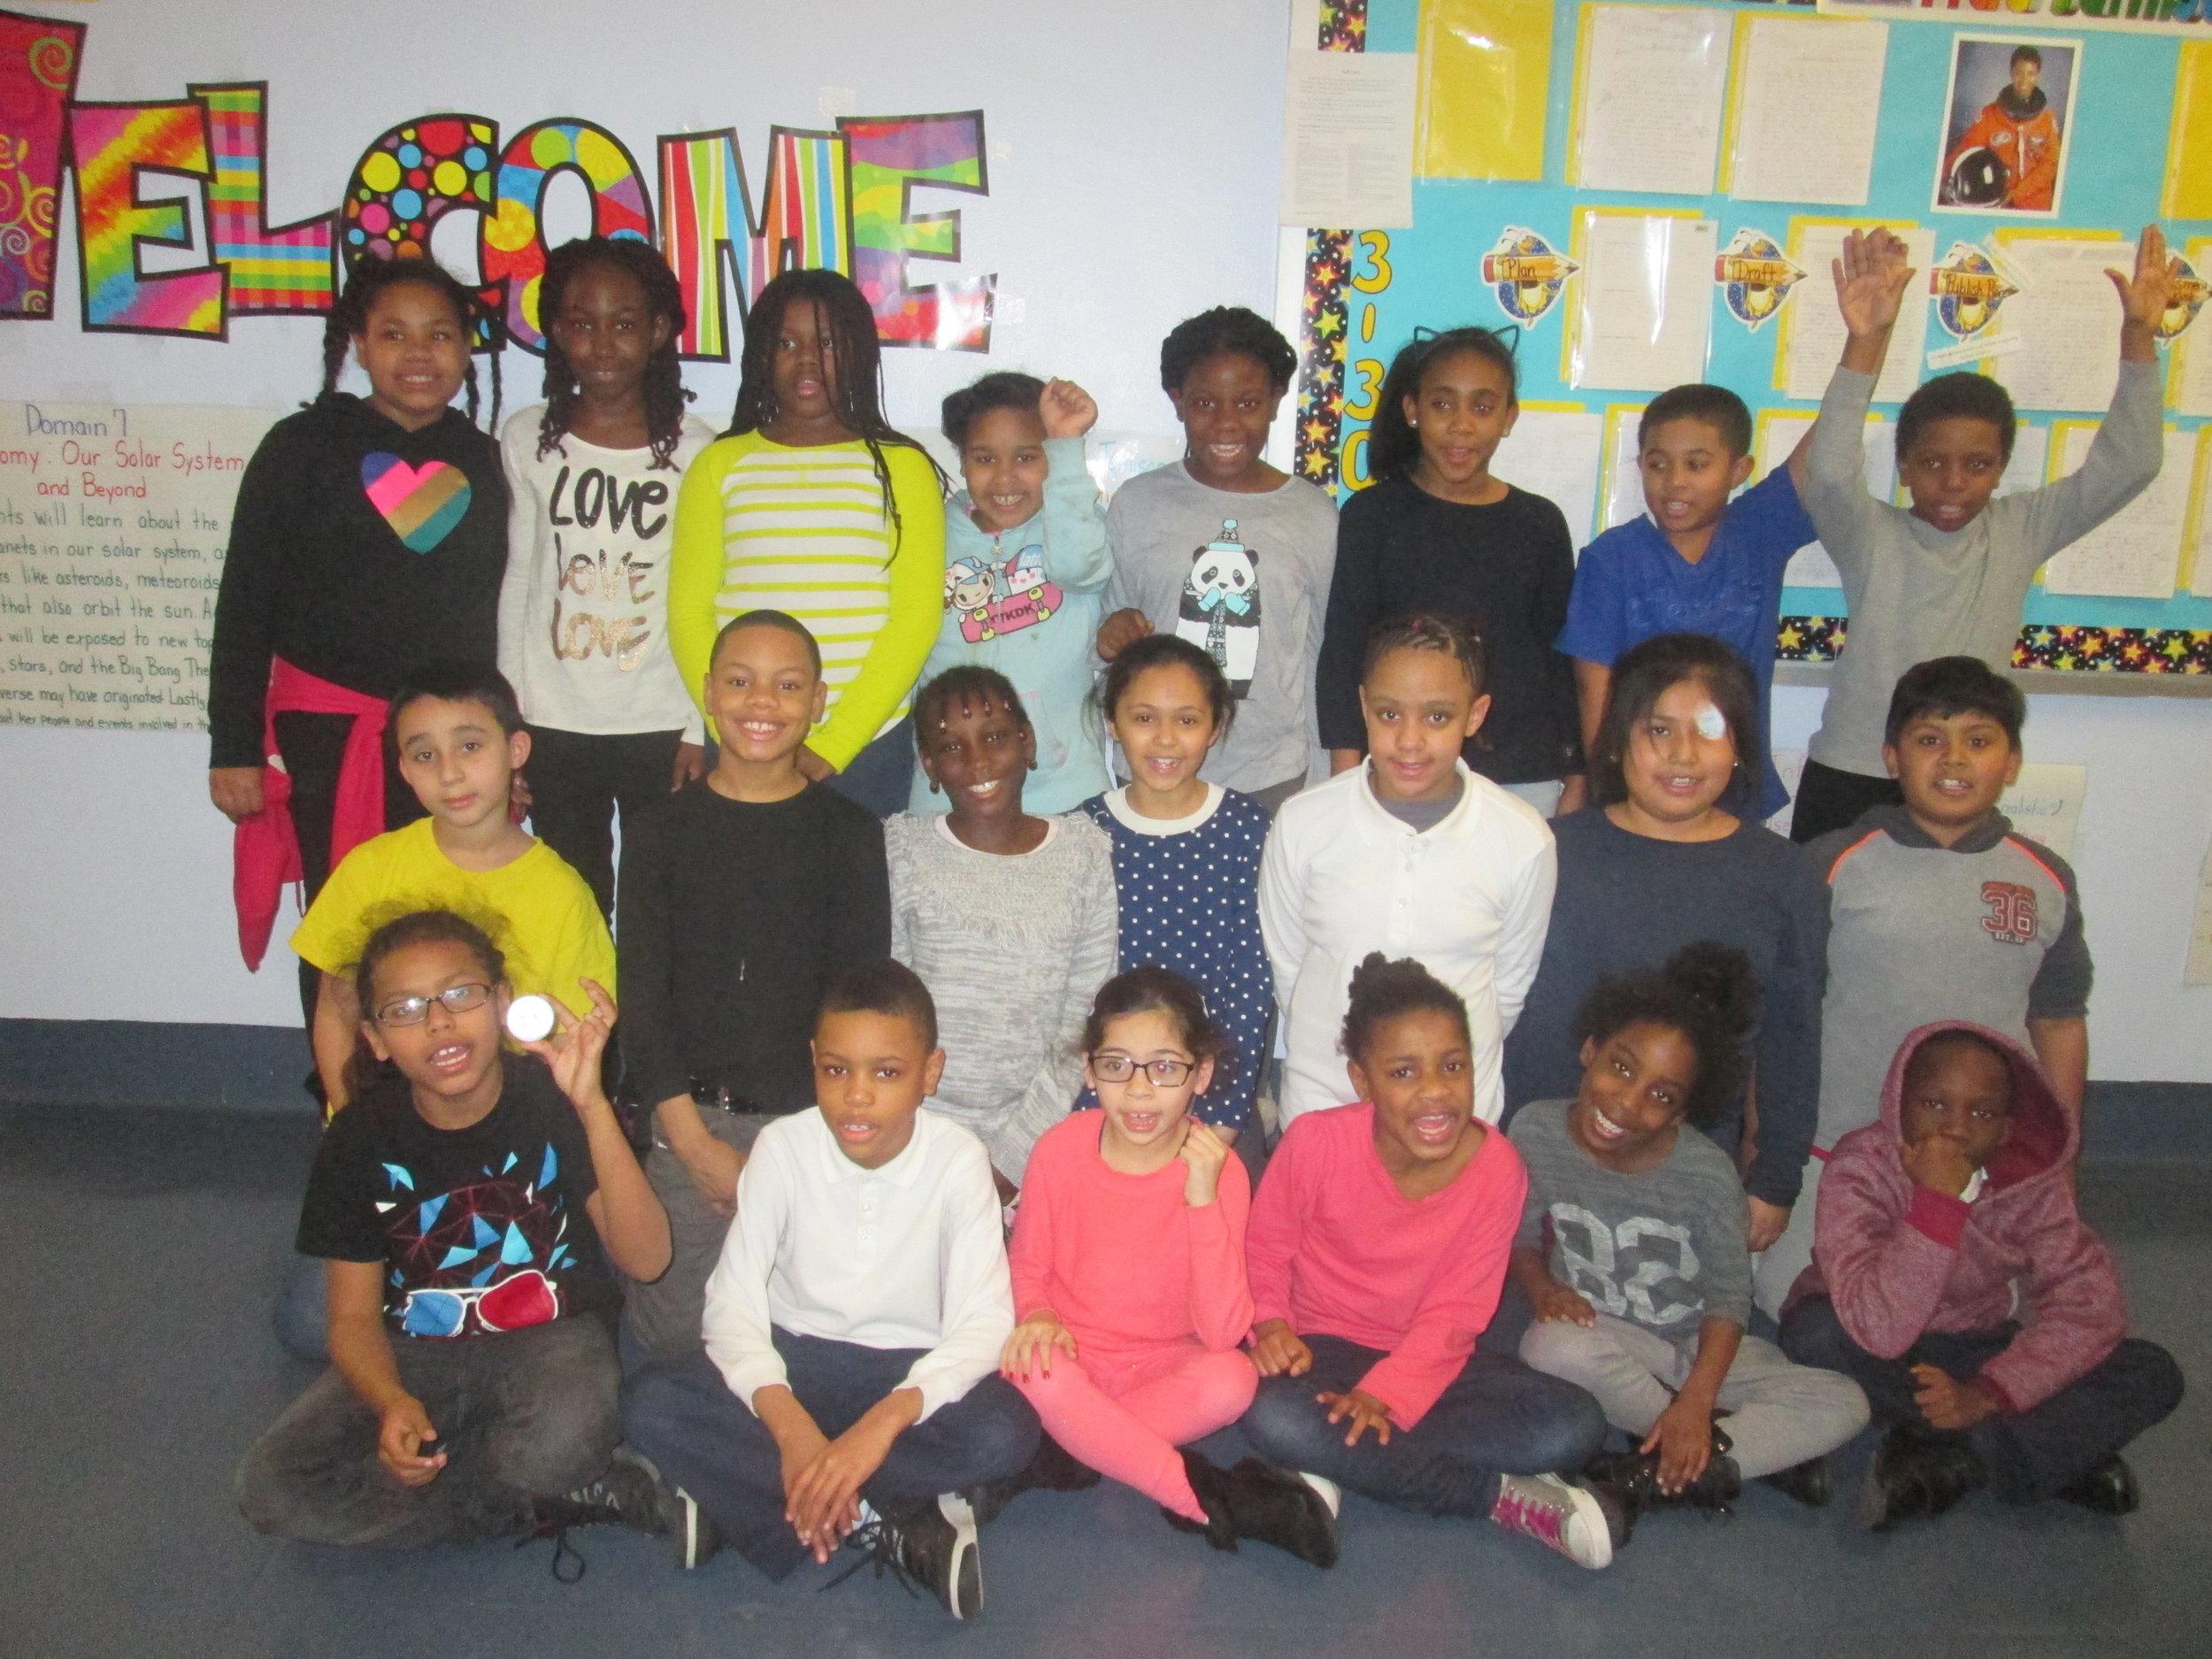 Ms. Bankston's class